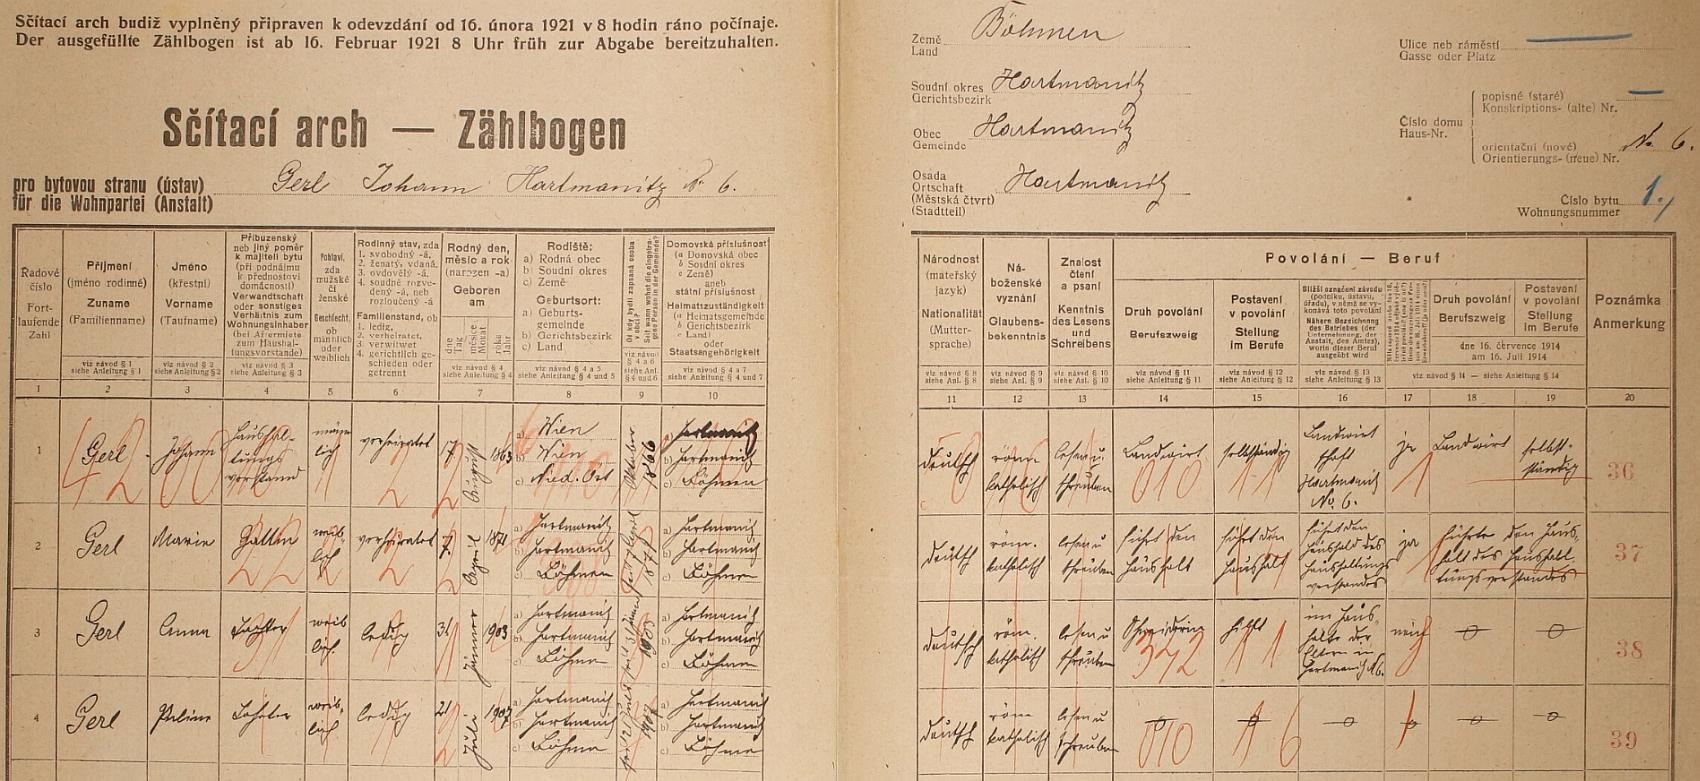 Arch sčítání lidu z roku 1921 pro dům čp. 6 v Hartmanicích